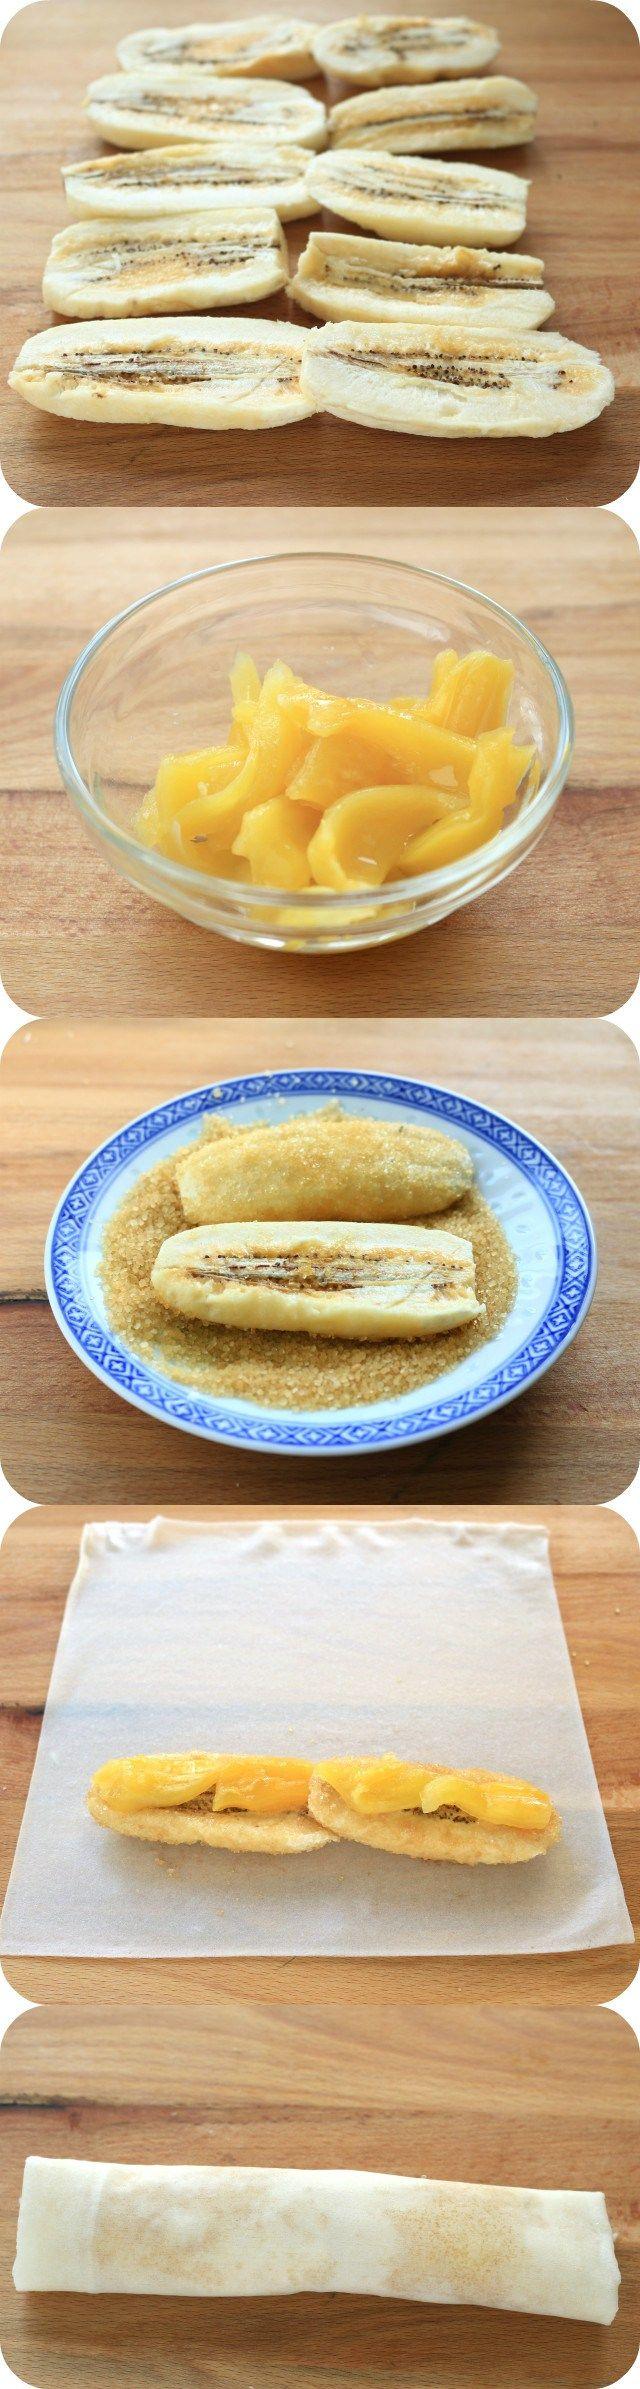 Turon Recipe (Banana Lumpia) |Foxy Folksy